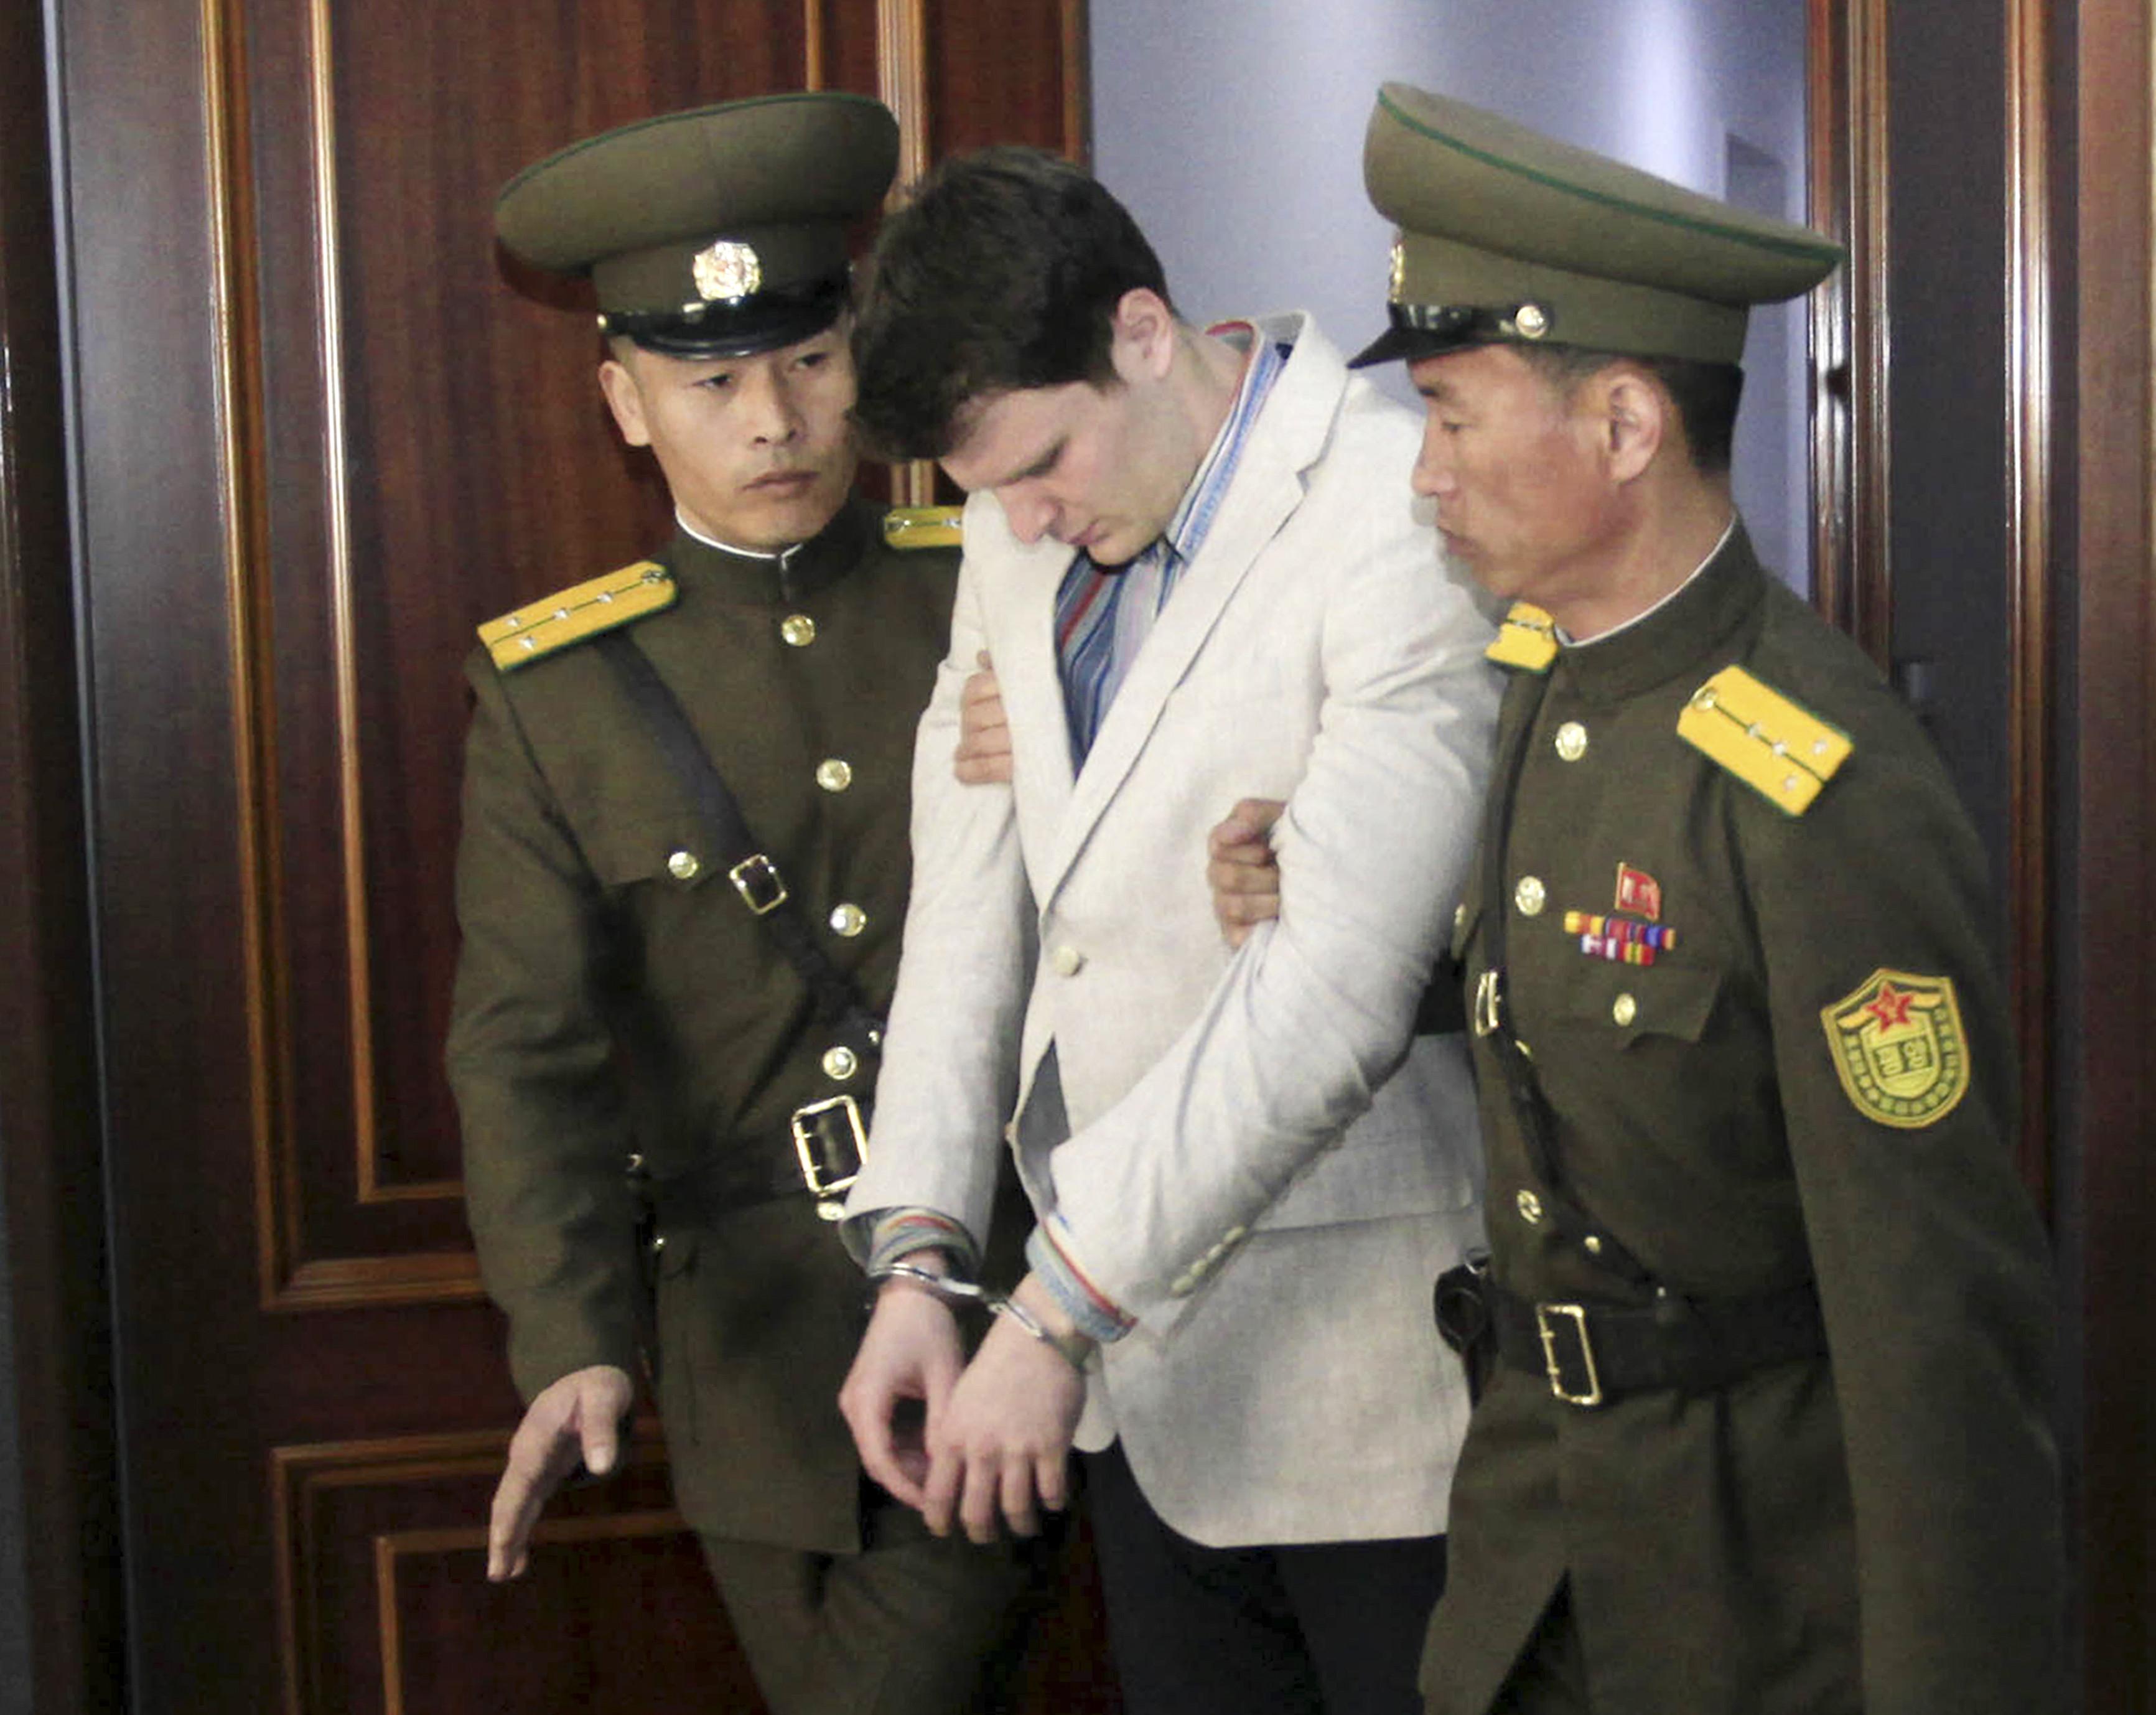 大學生瓦姆比爾(Otto Warmbier)(中),被控竊取北韓的政治宣傳標語。(圖/達志影像/美聯社)